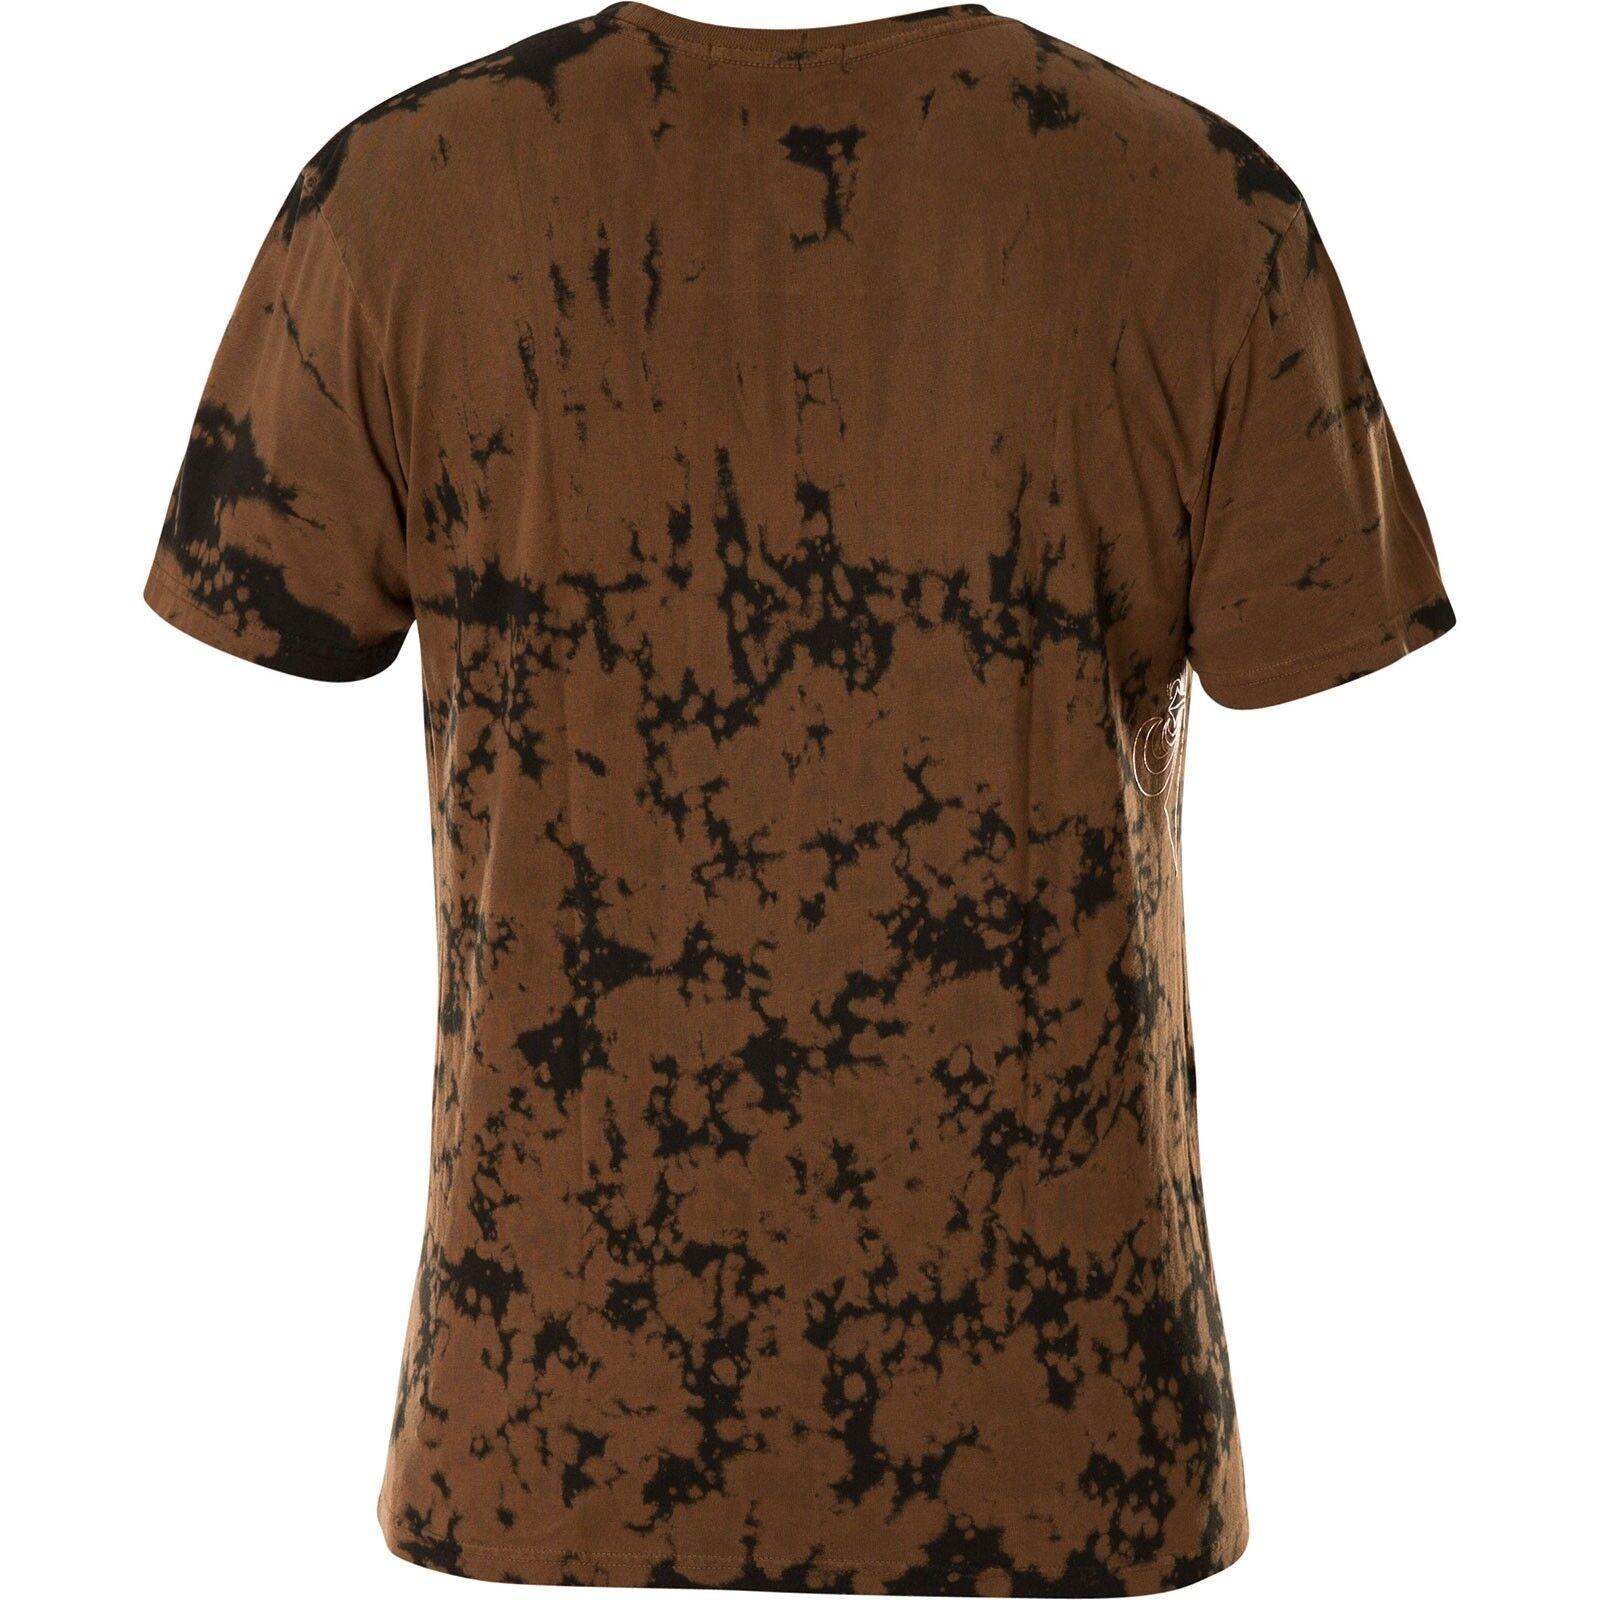 Affliction T-shirt Tiger rosa rosa rosa Marronee T-shirts 05823c